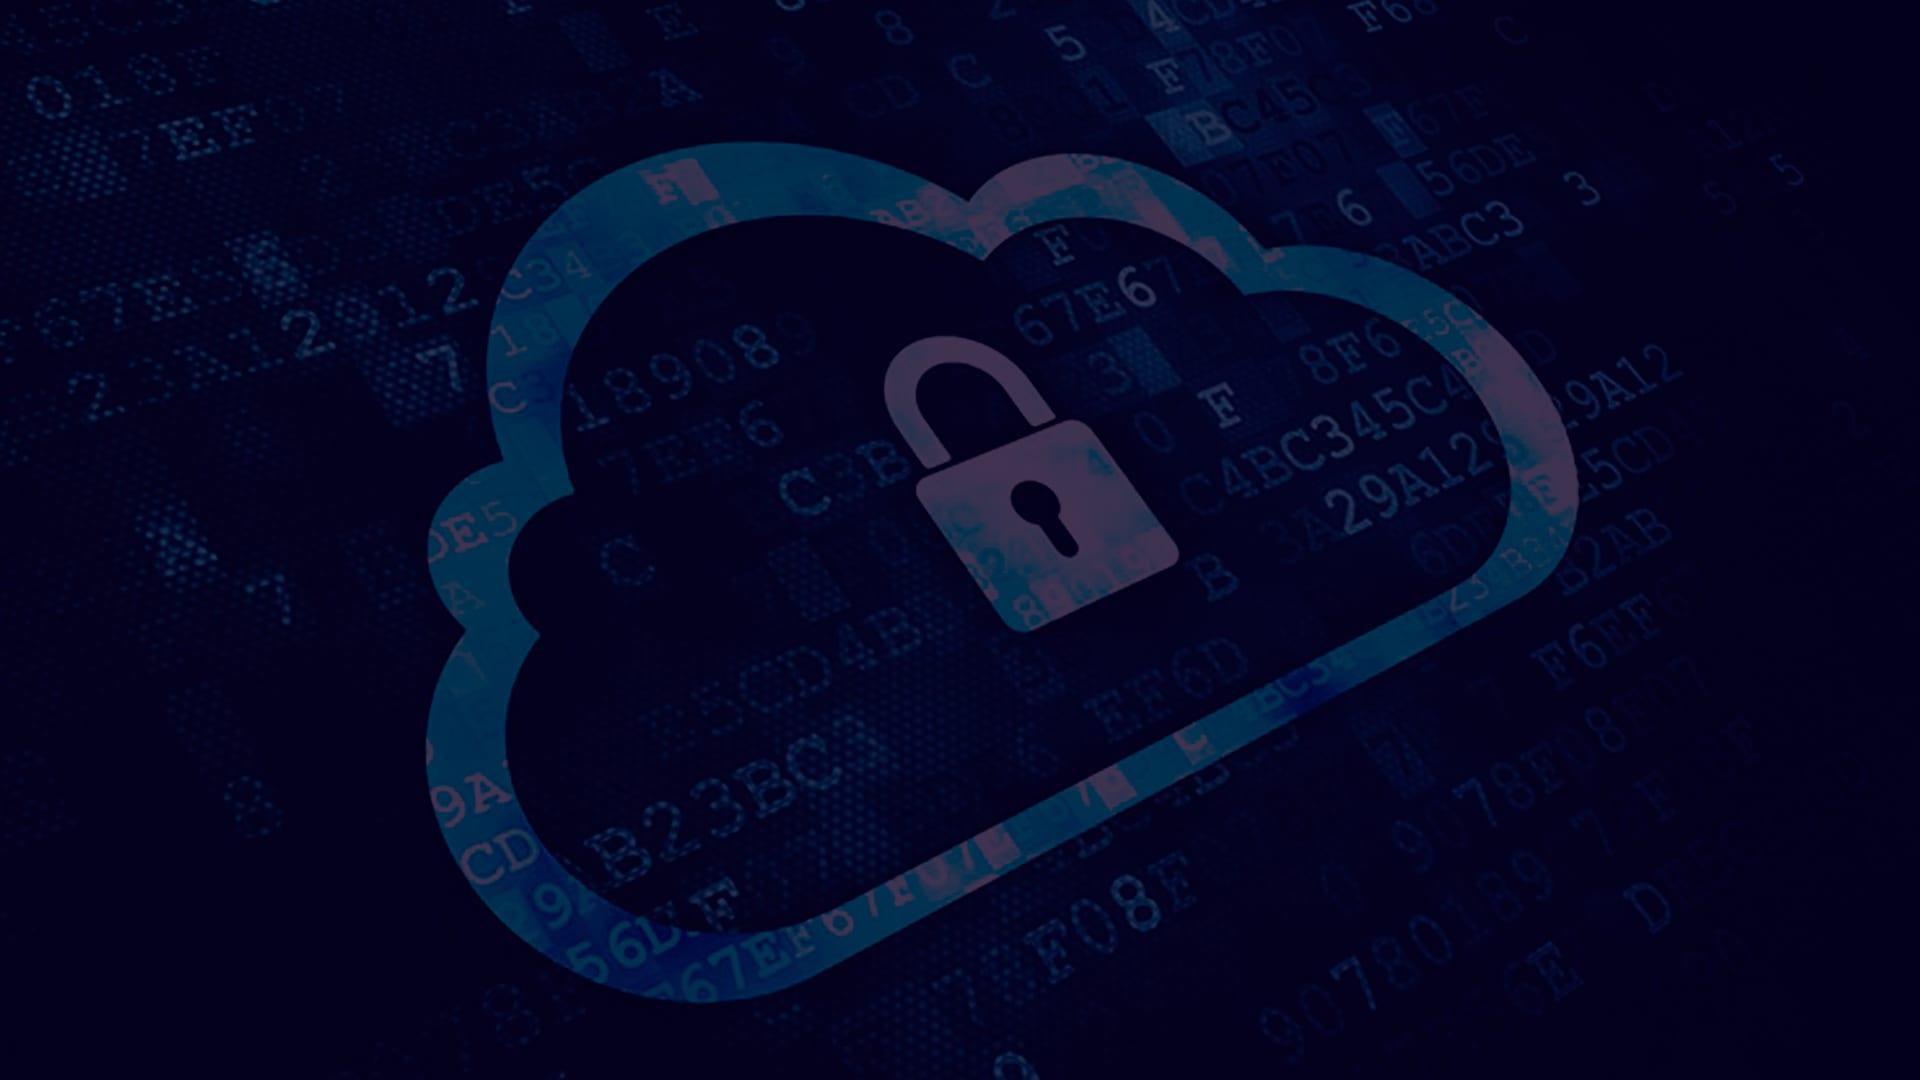 Облачная платформа защиты от угроз OpenDNS / Cisco Umbrella